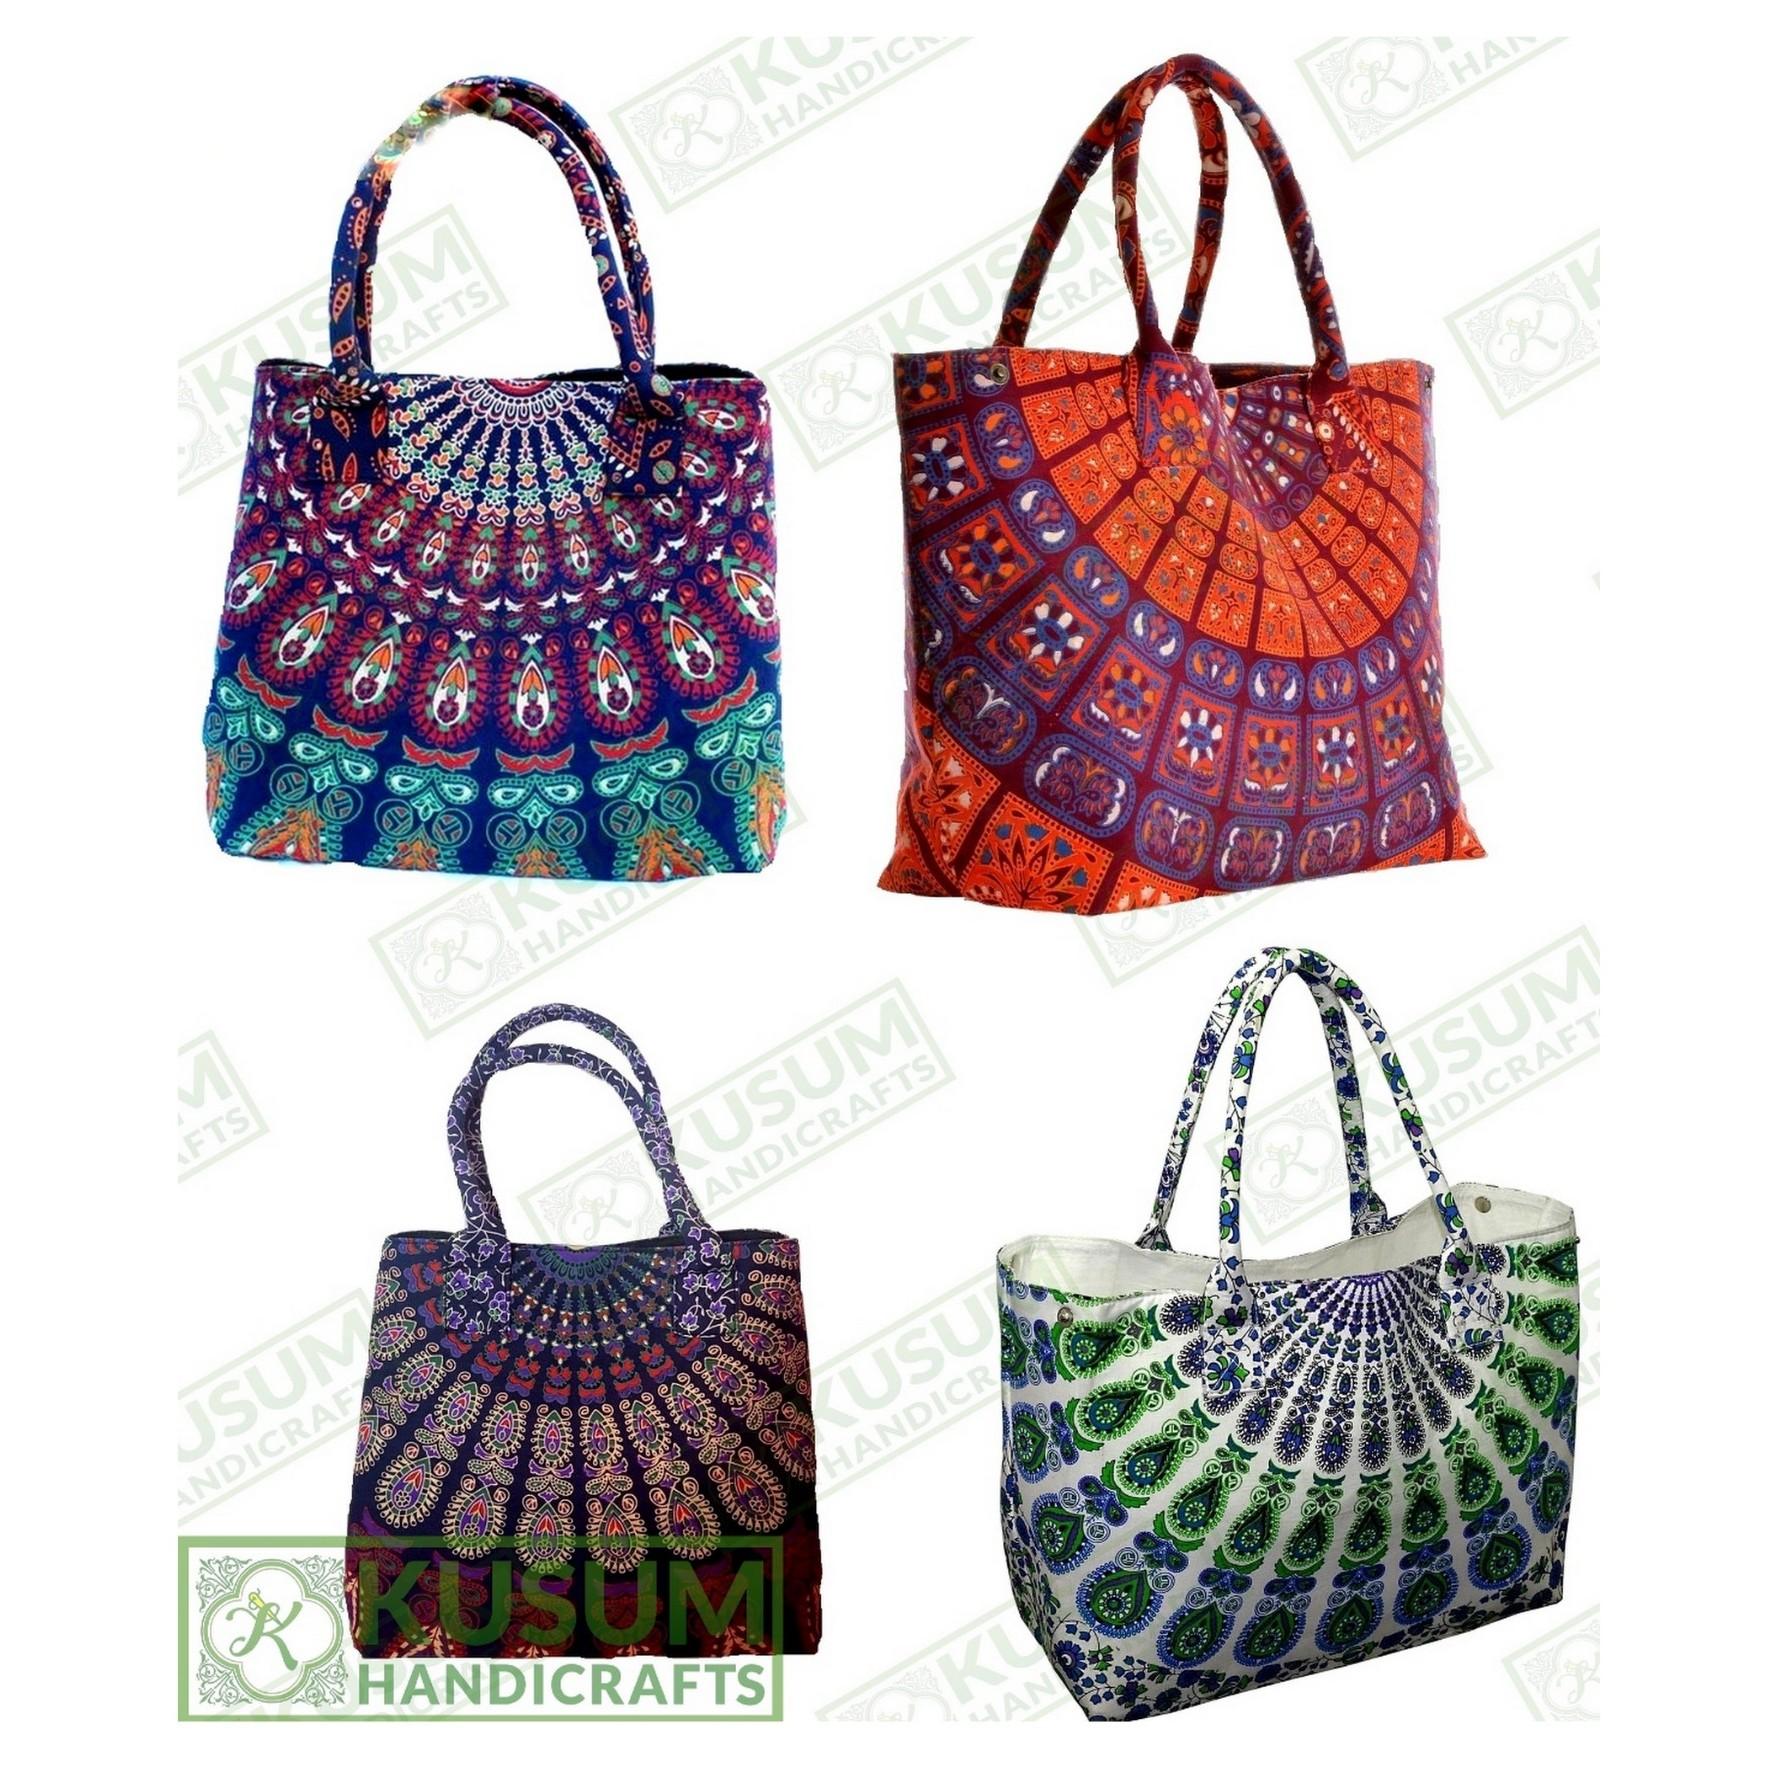 99101f85cdc2 ... tote bag wholesale mandala bags manufacturer. 🔍.  mandalabag-kusumhandicrafts-mandalahandbags-mandalatotebag-khushvin